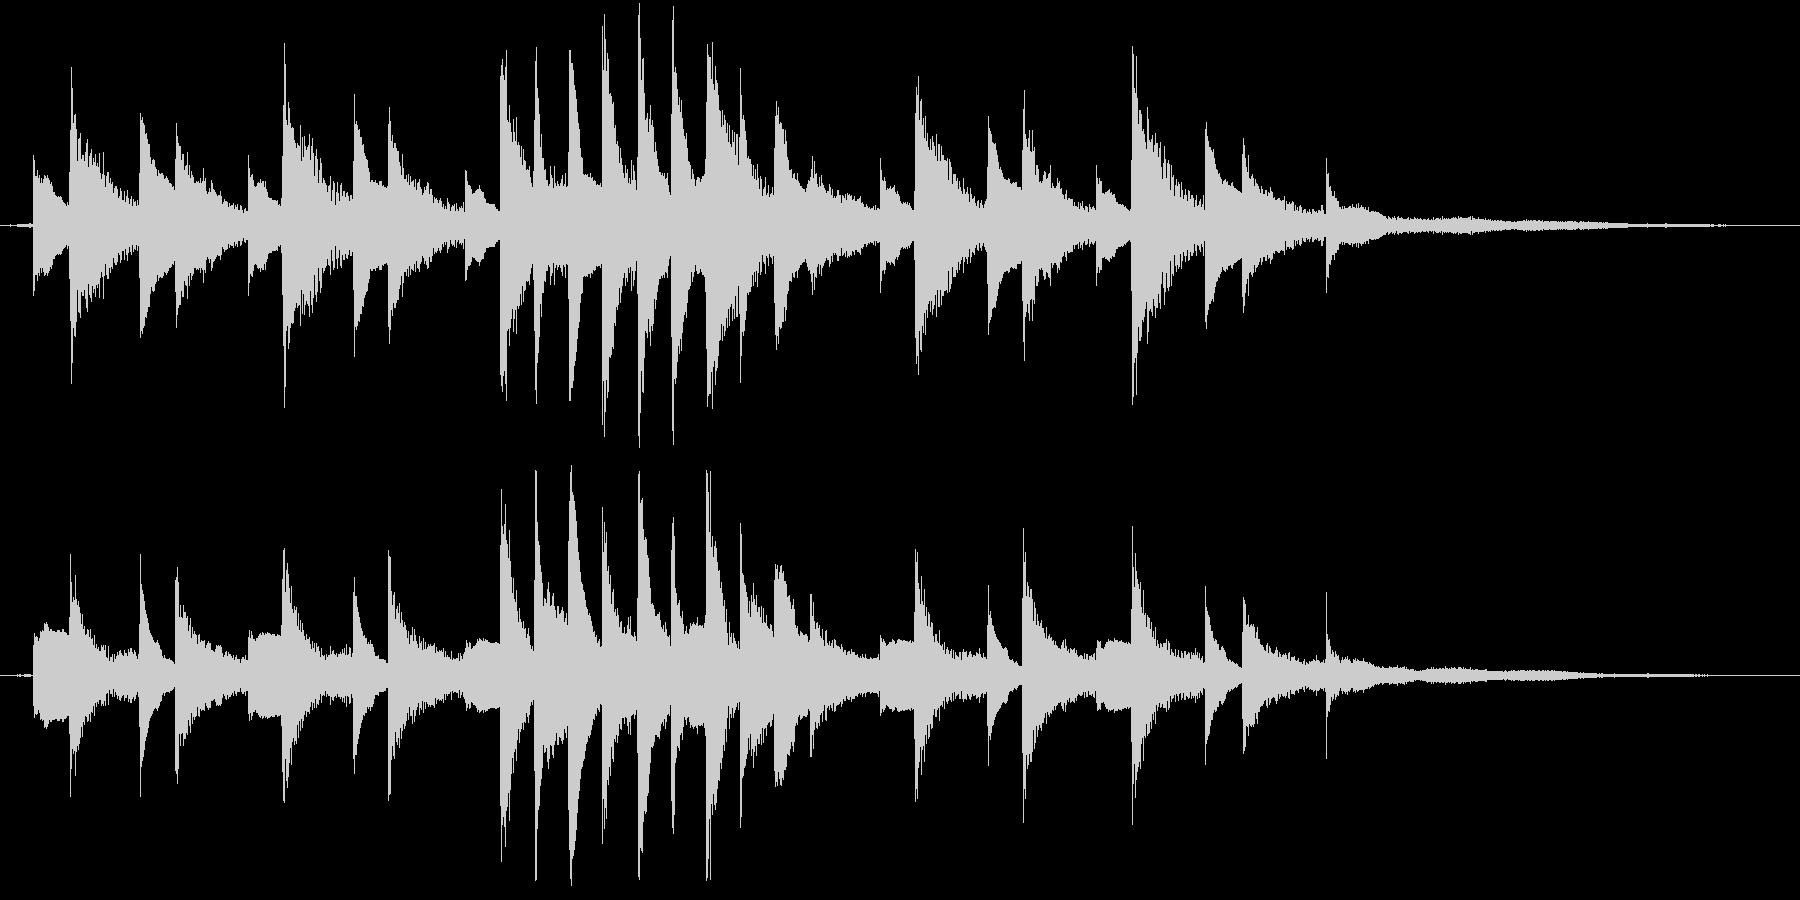 生ピアノ録音-ジムノペディのようなソロの未再生の波形